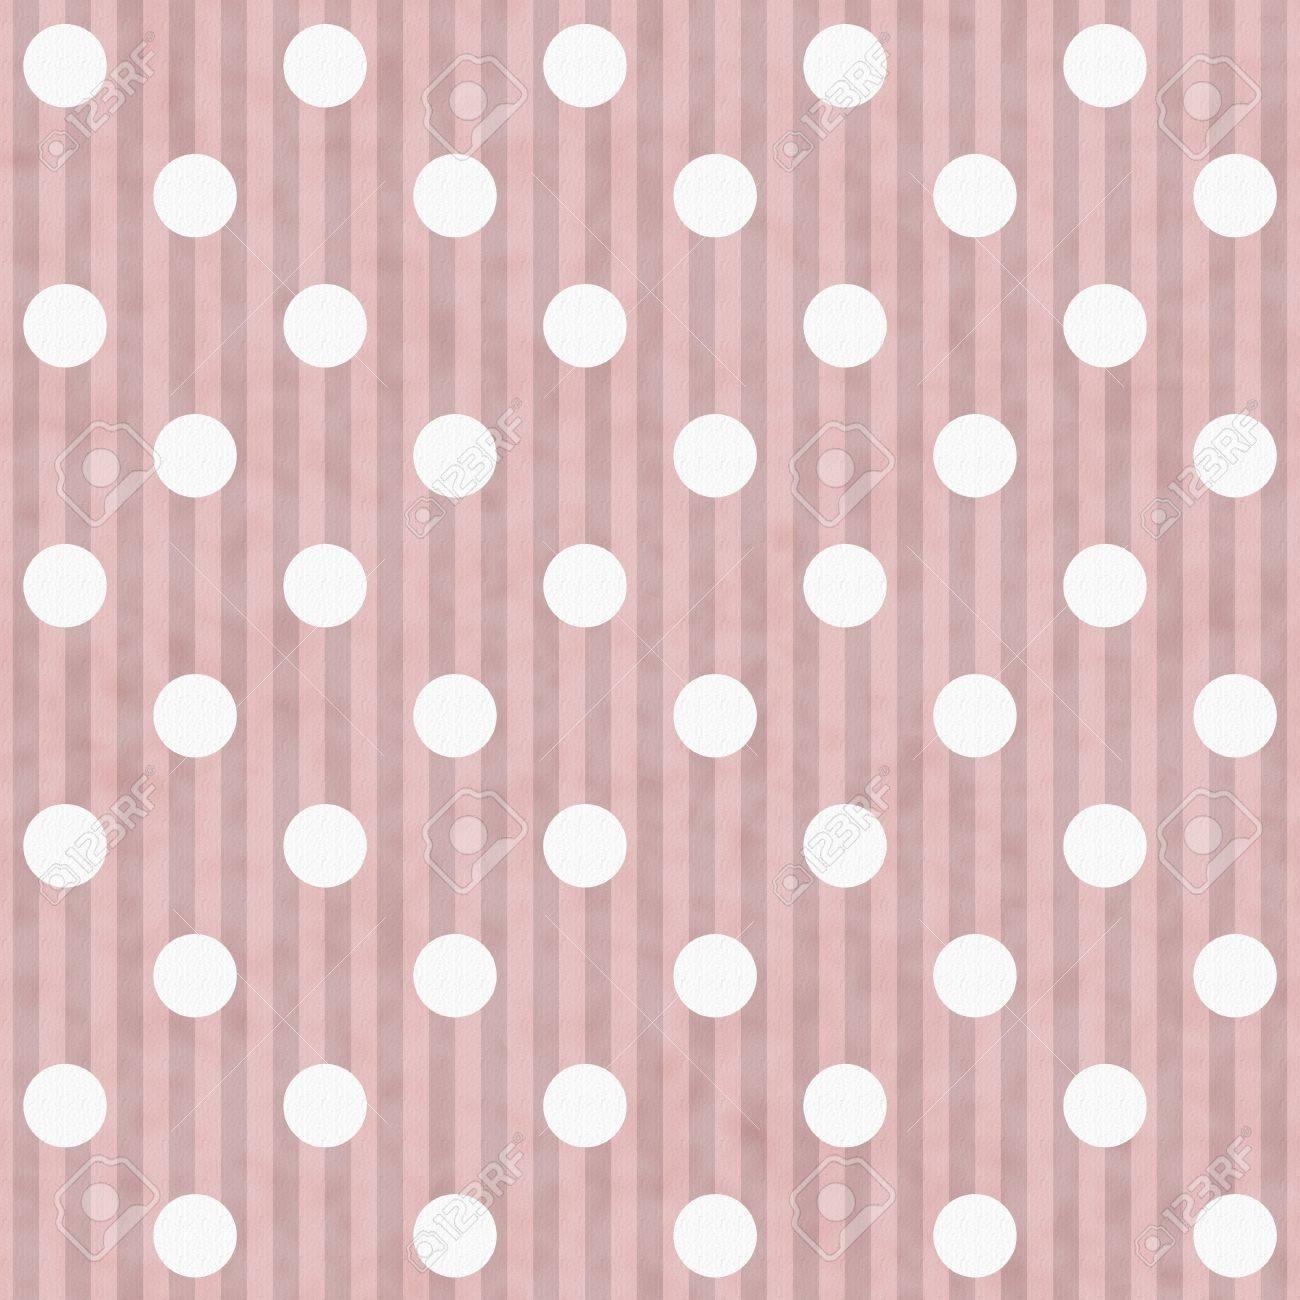 Immagini Stock Rosa E Bianco A Pois E Strisce Di Tessuto Sfondo